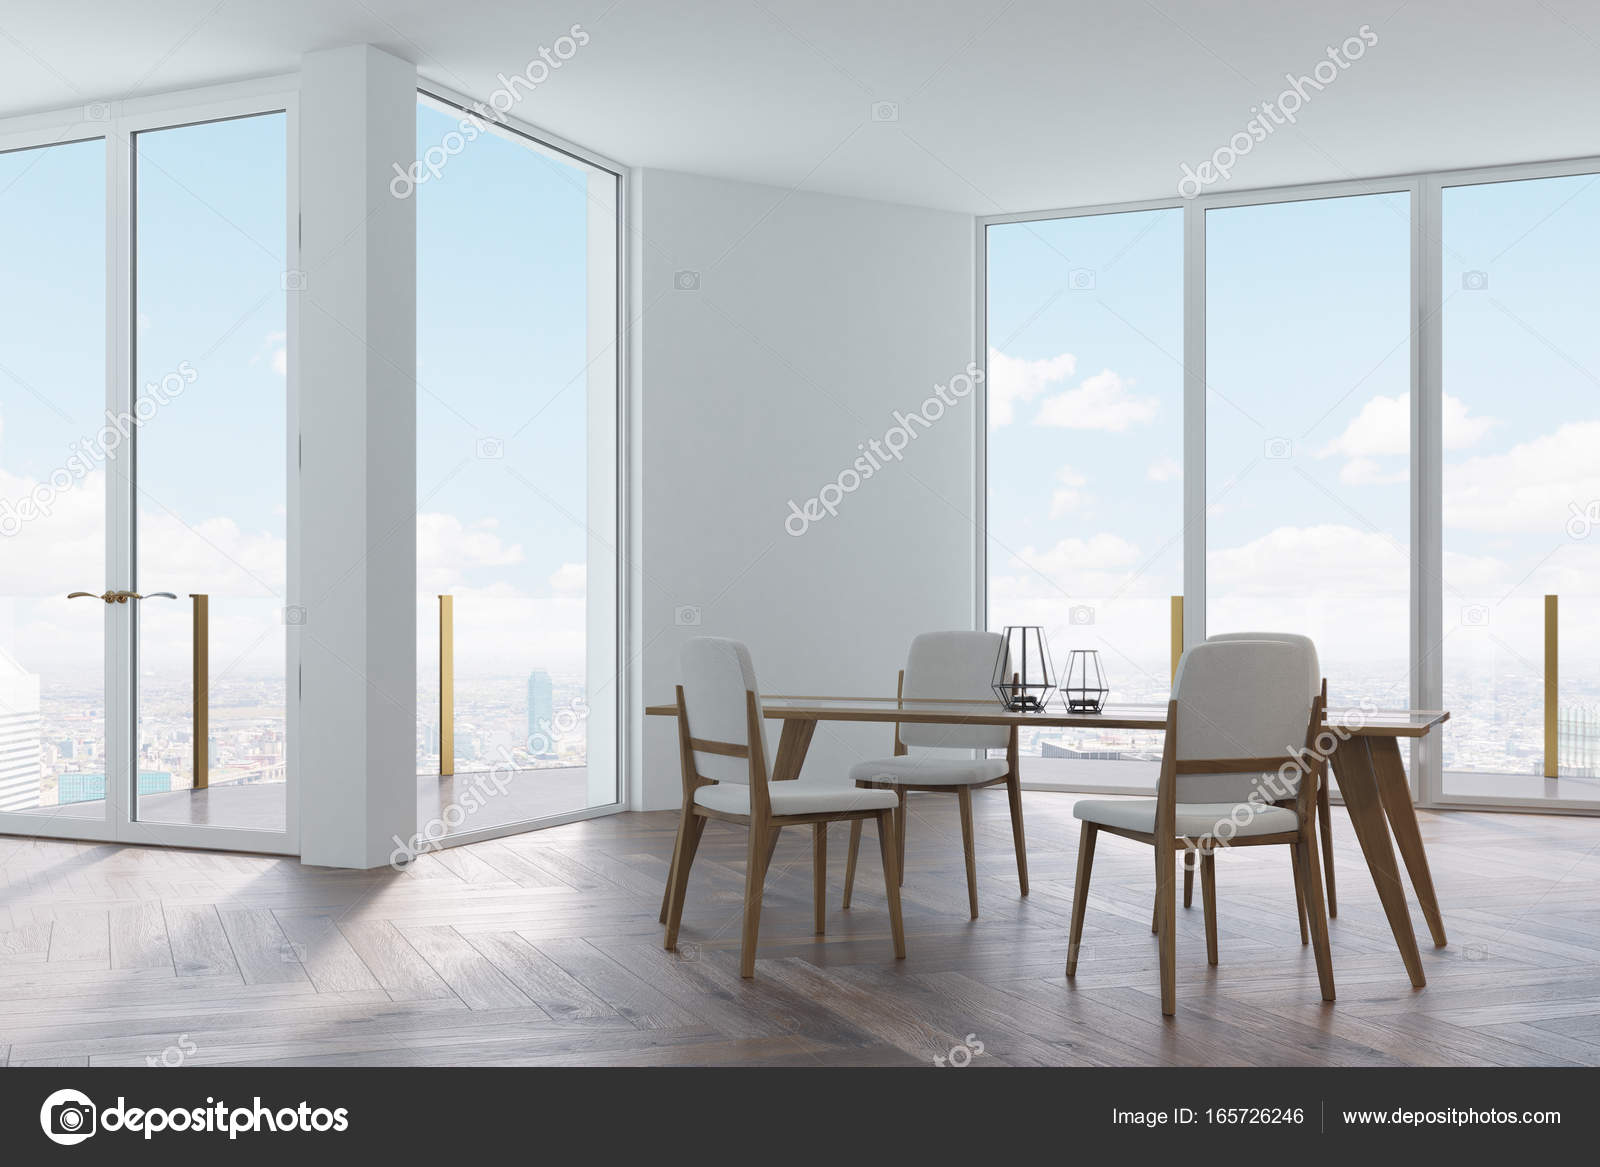 Sedie Bianche E Legno : Bianco sala da pranzo sedie in legno e bianchi u2014 foto stock